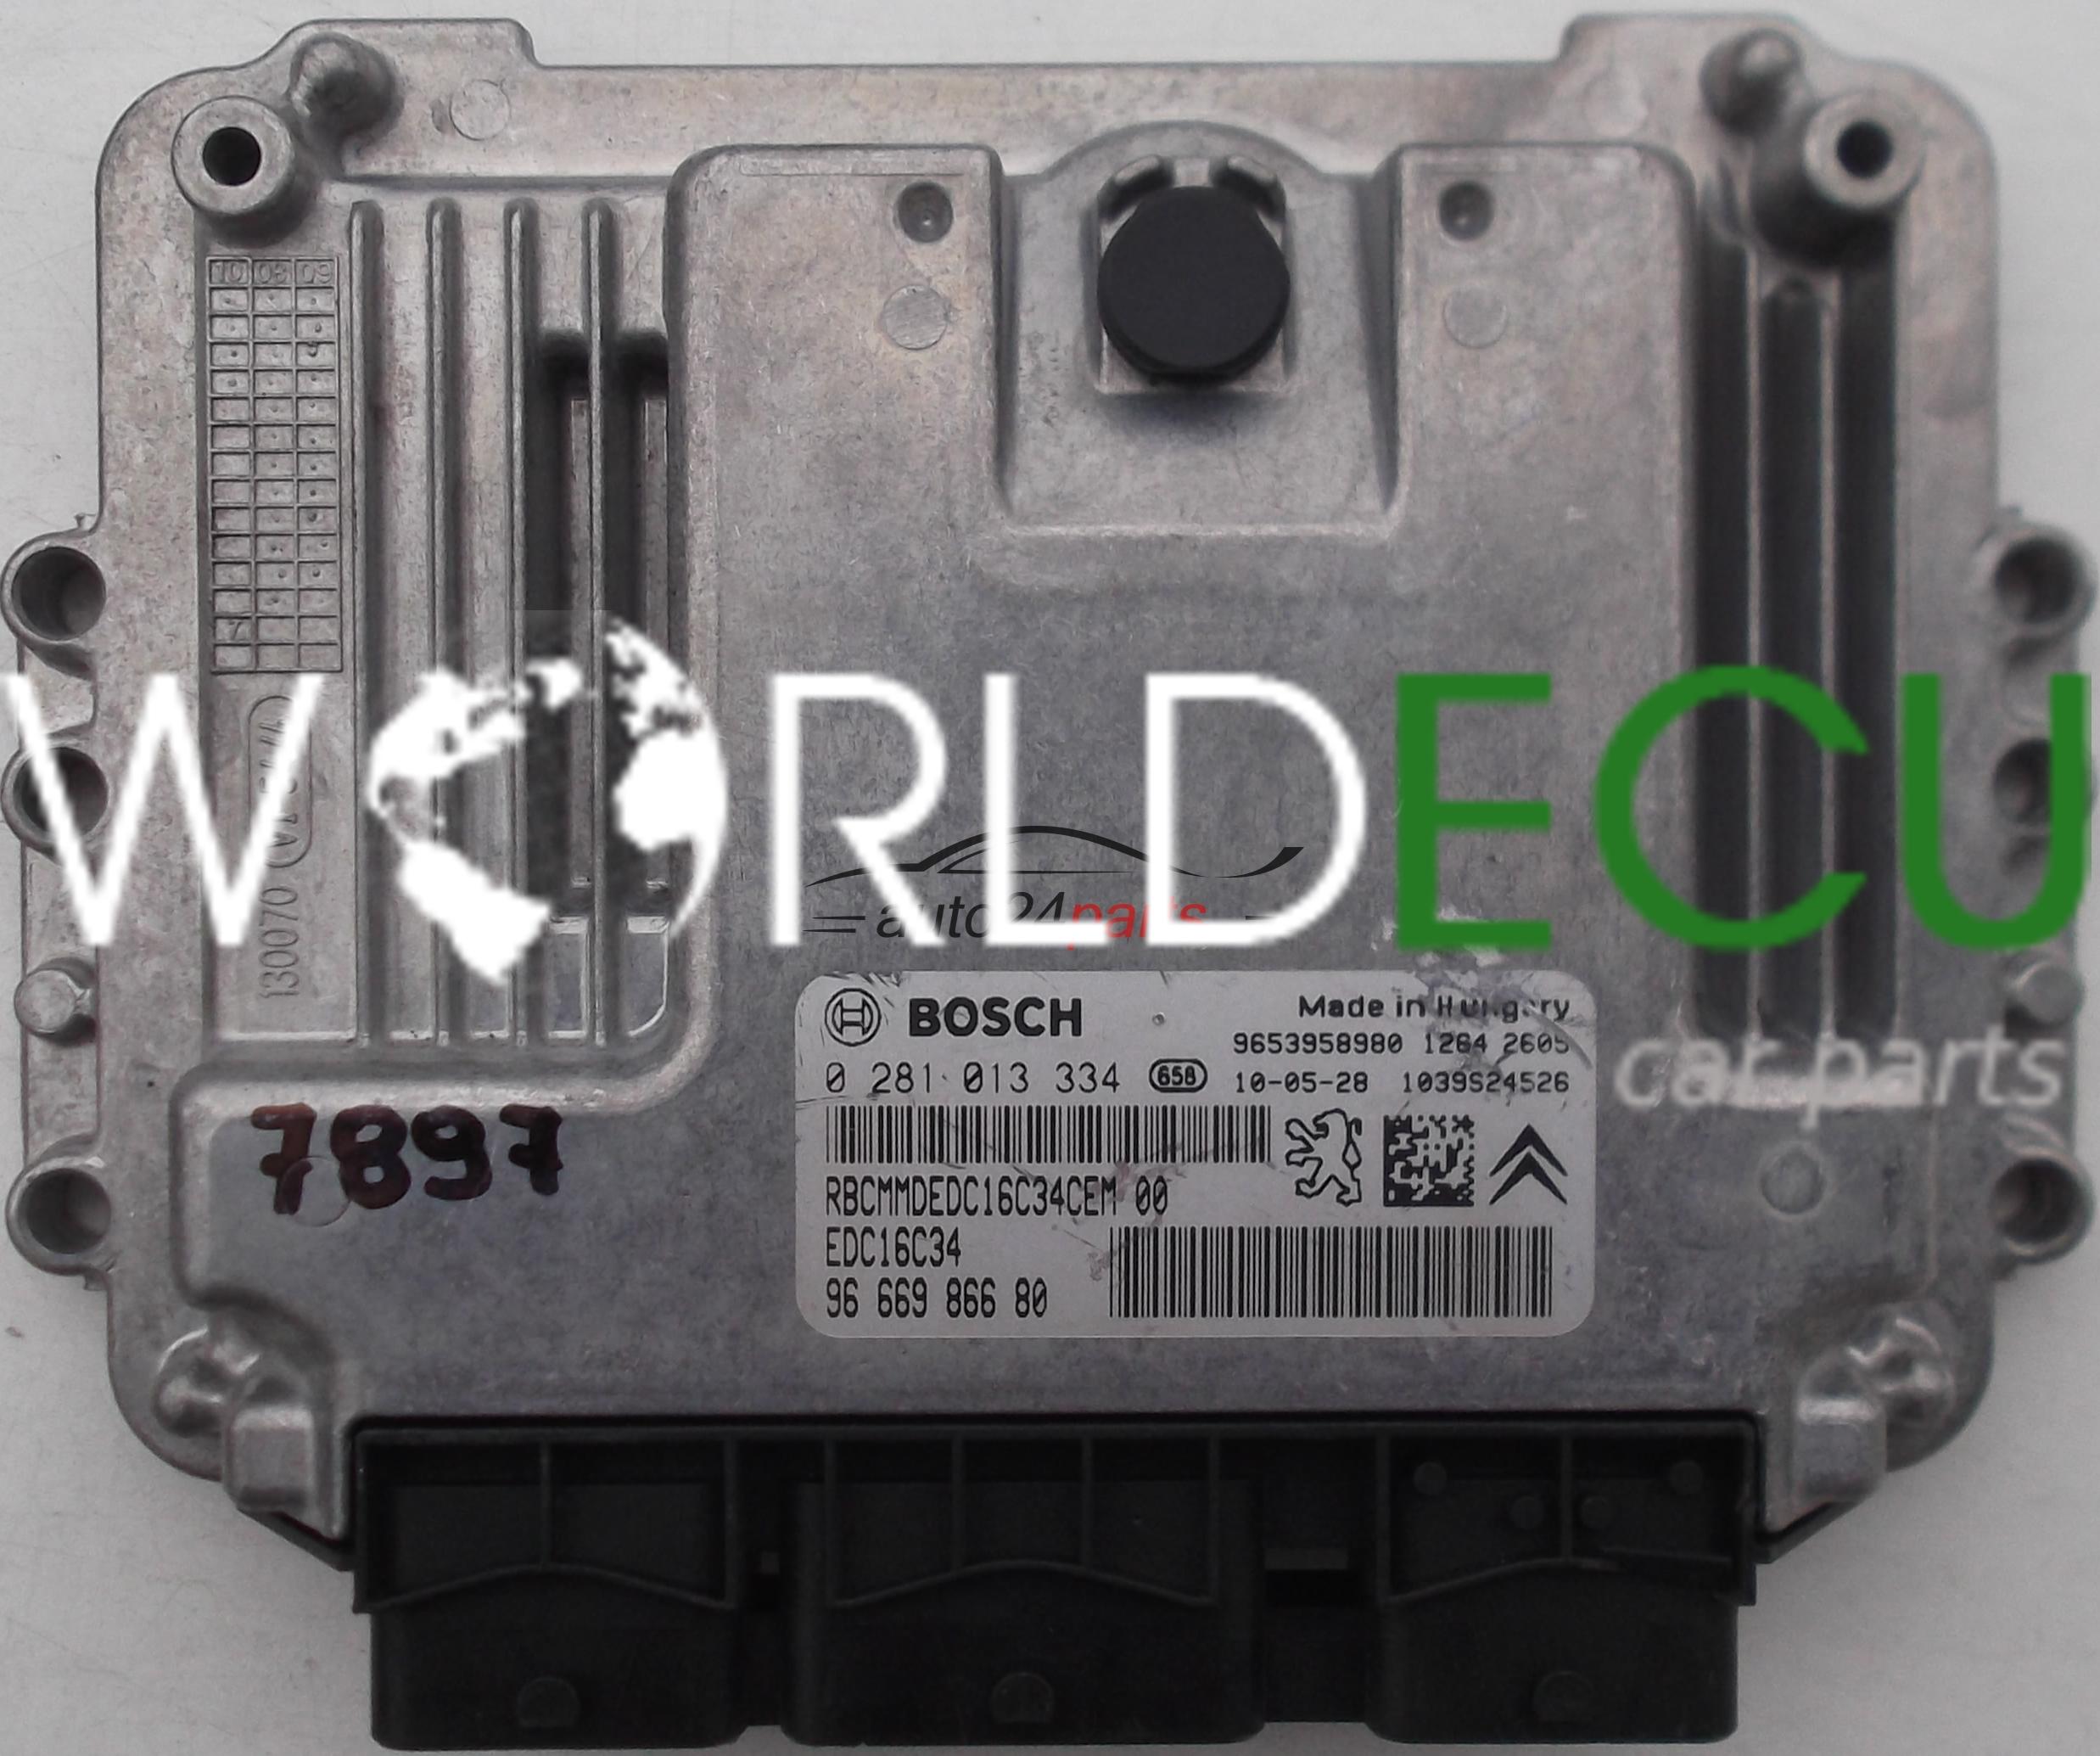 ecu engine controller peugeot 3008 citroen 1 6 hdi bosch 0 281 013 rh worldecu com